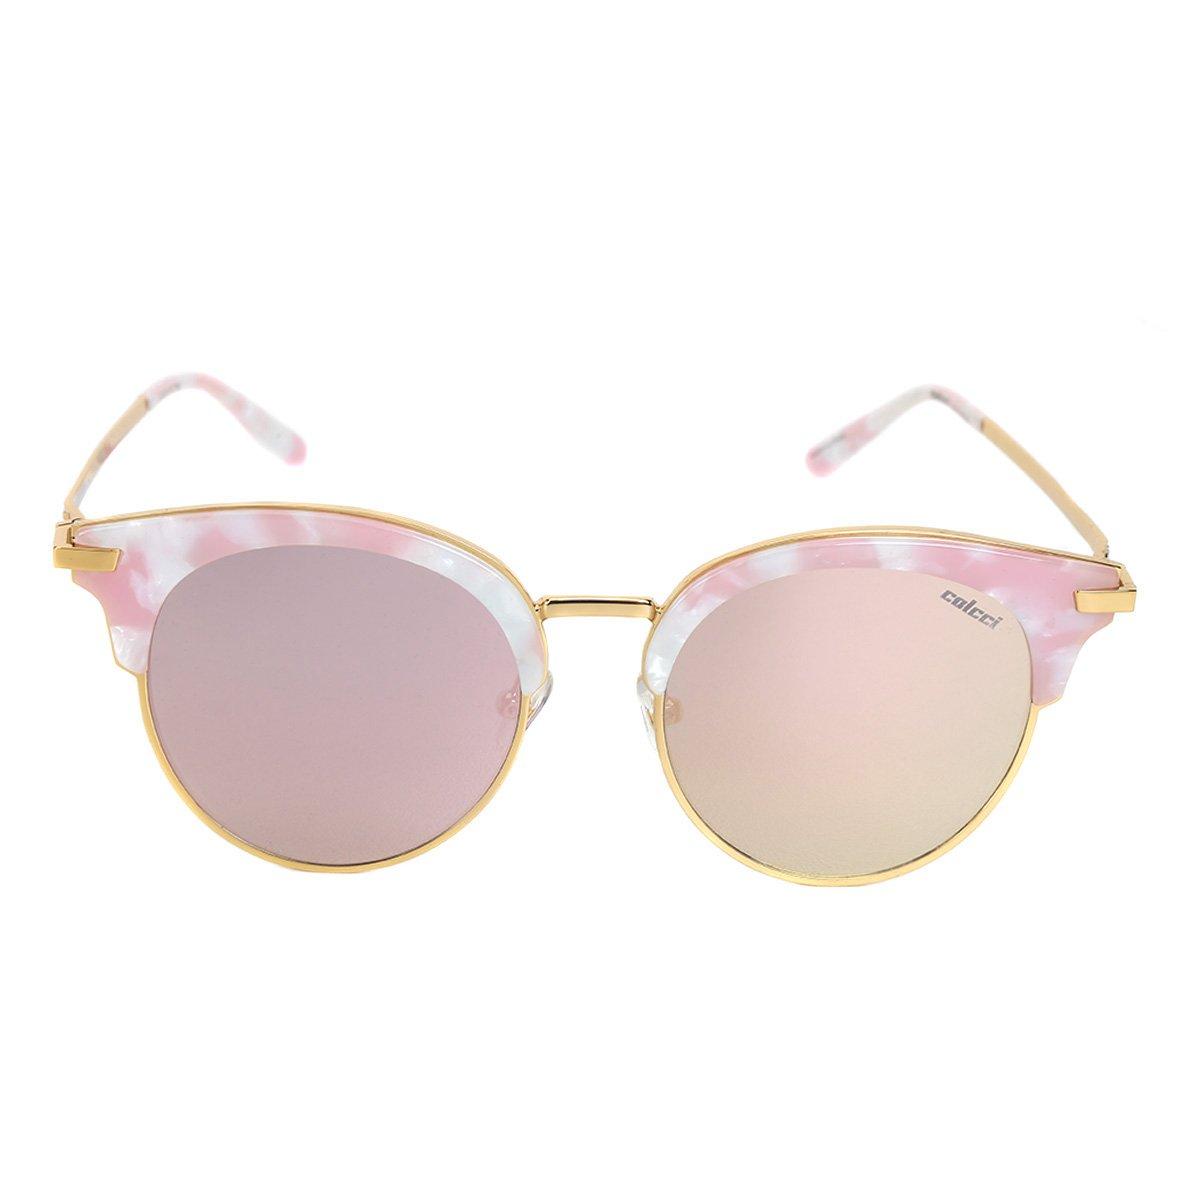 431a23003da77 Óculos de Sol Colcci Gatinho Brilho Feminino - Compre Agora   Netshoes